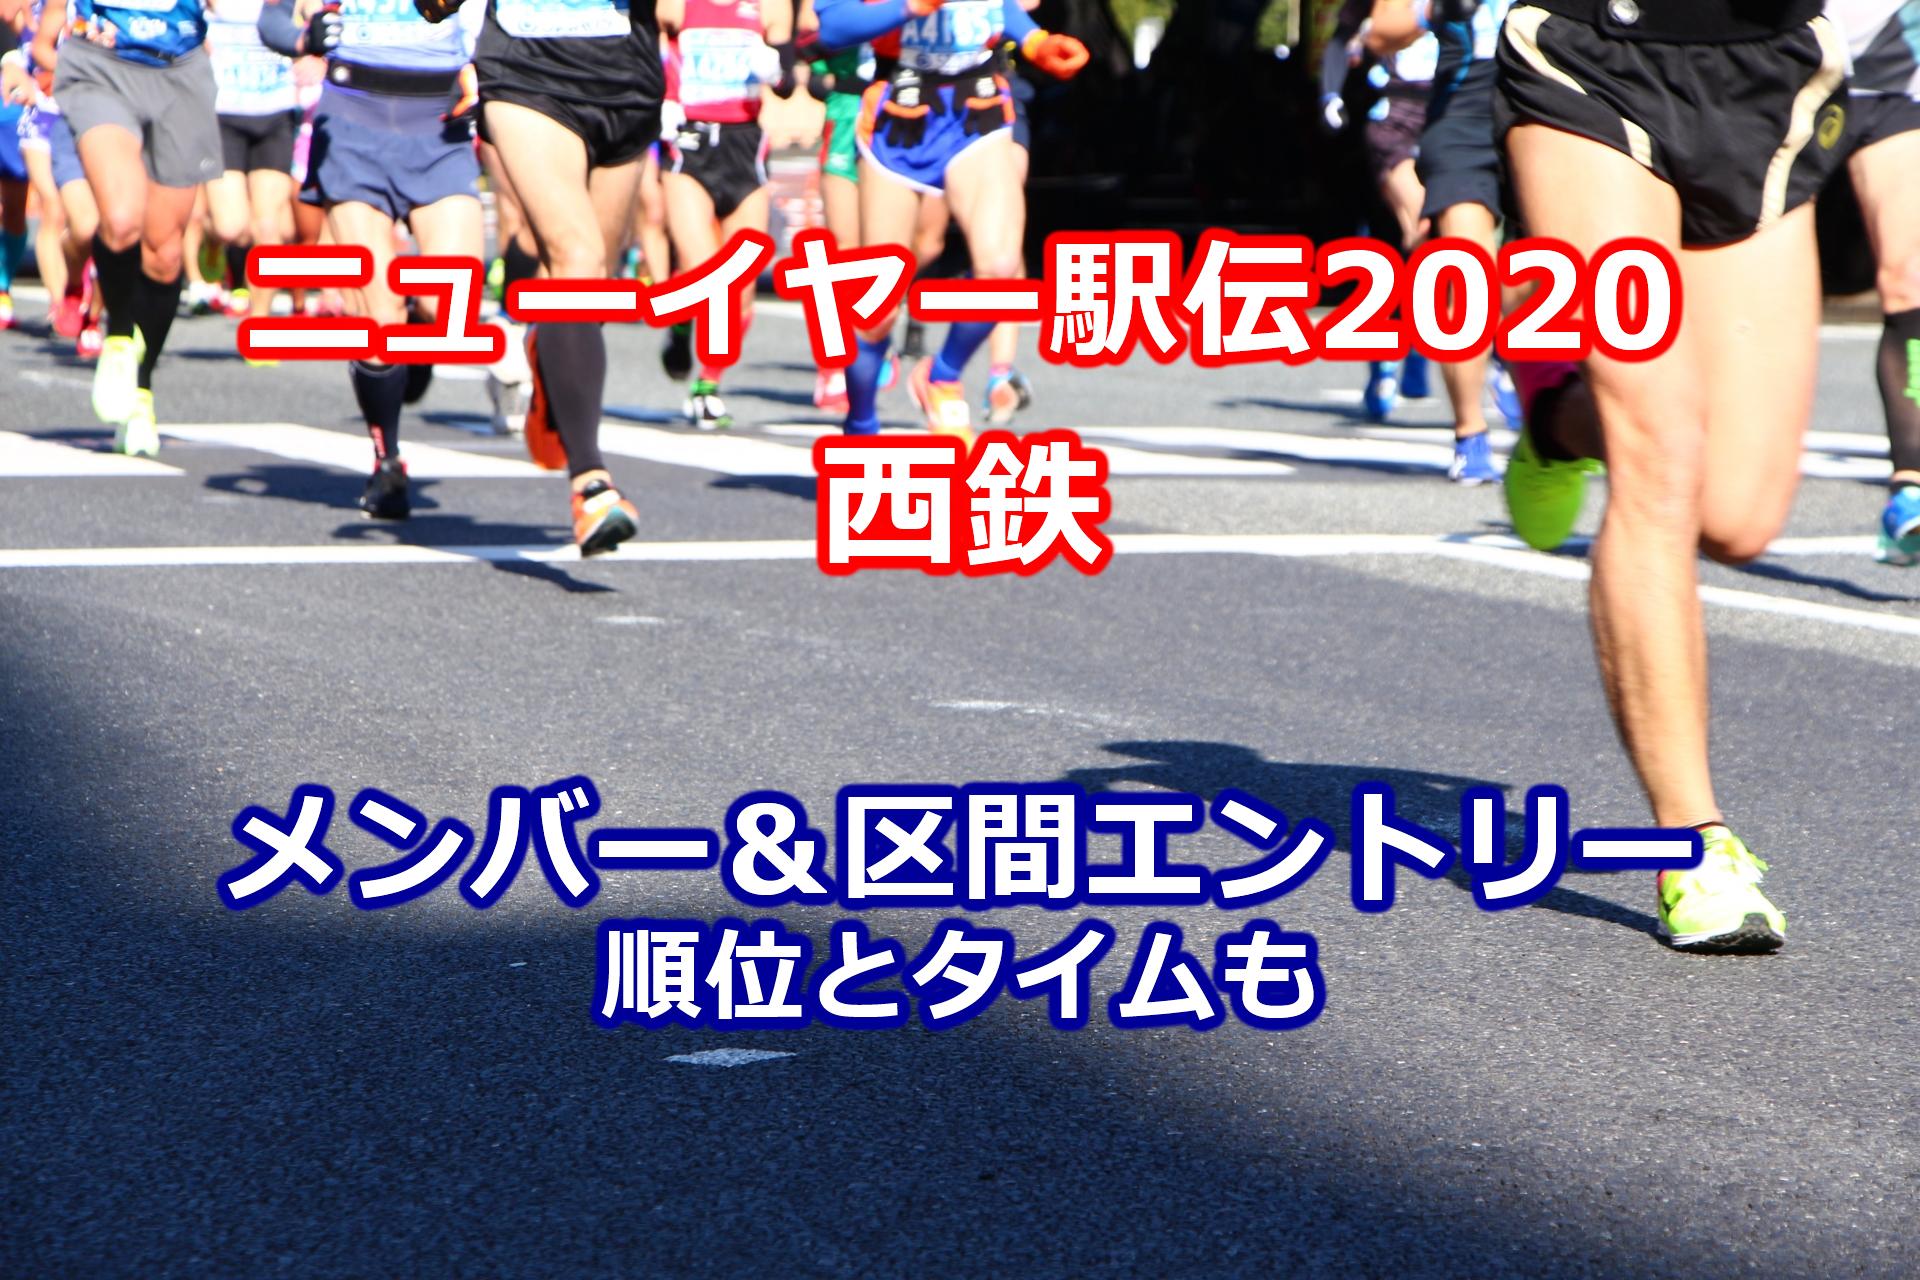 ニューイヤー駅伝2020西鉄メンバー・区間エントリー・結果・順位・タイムまとめ